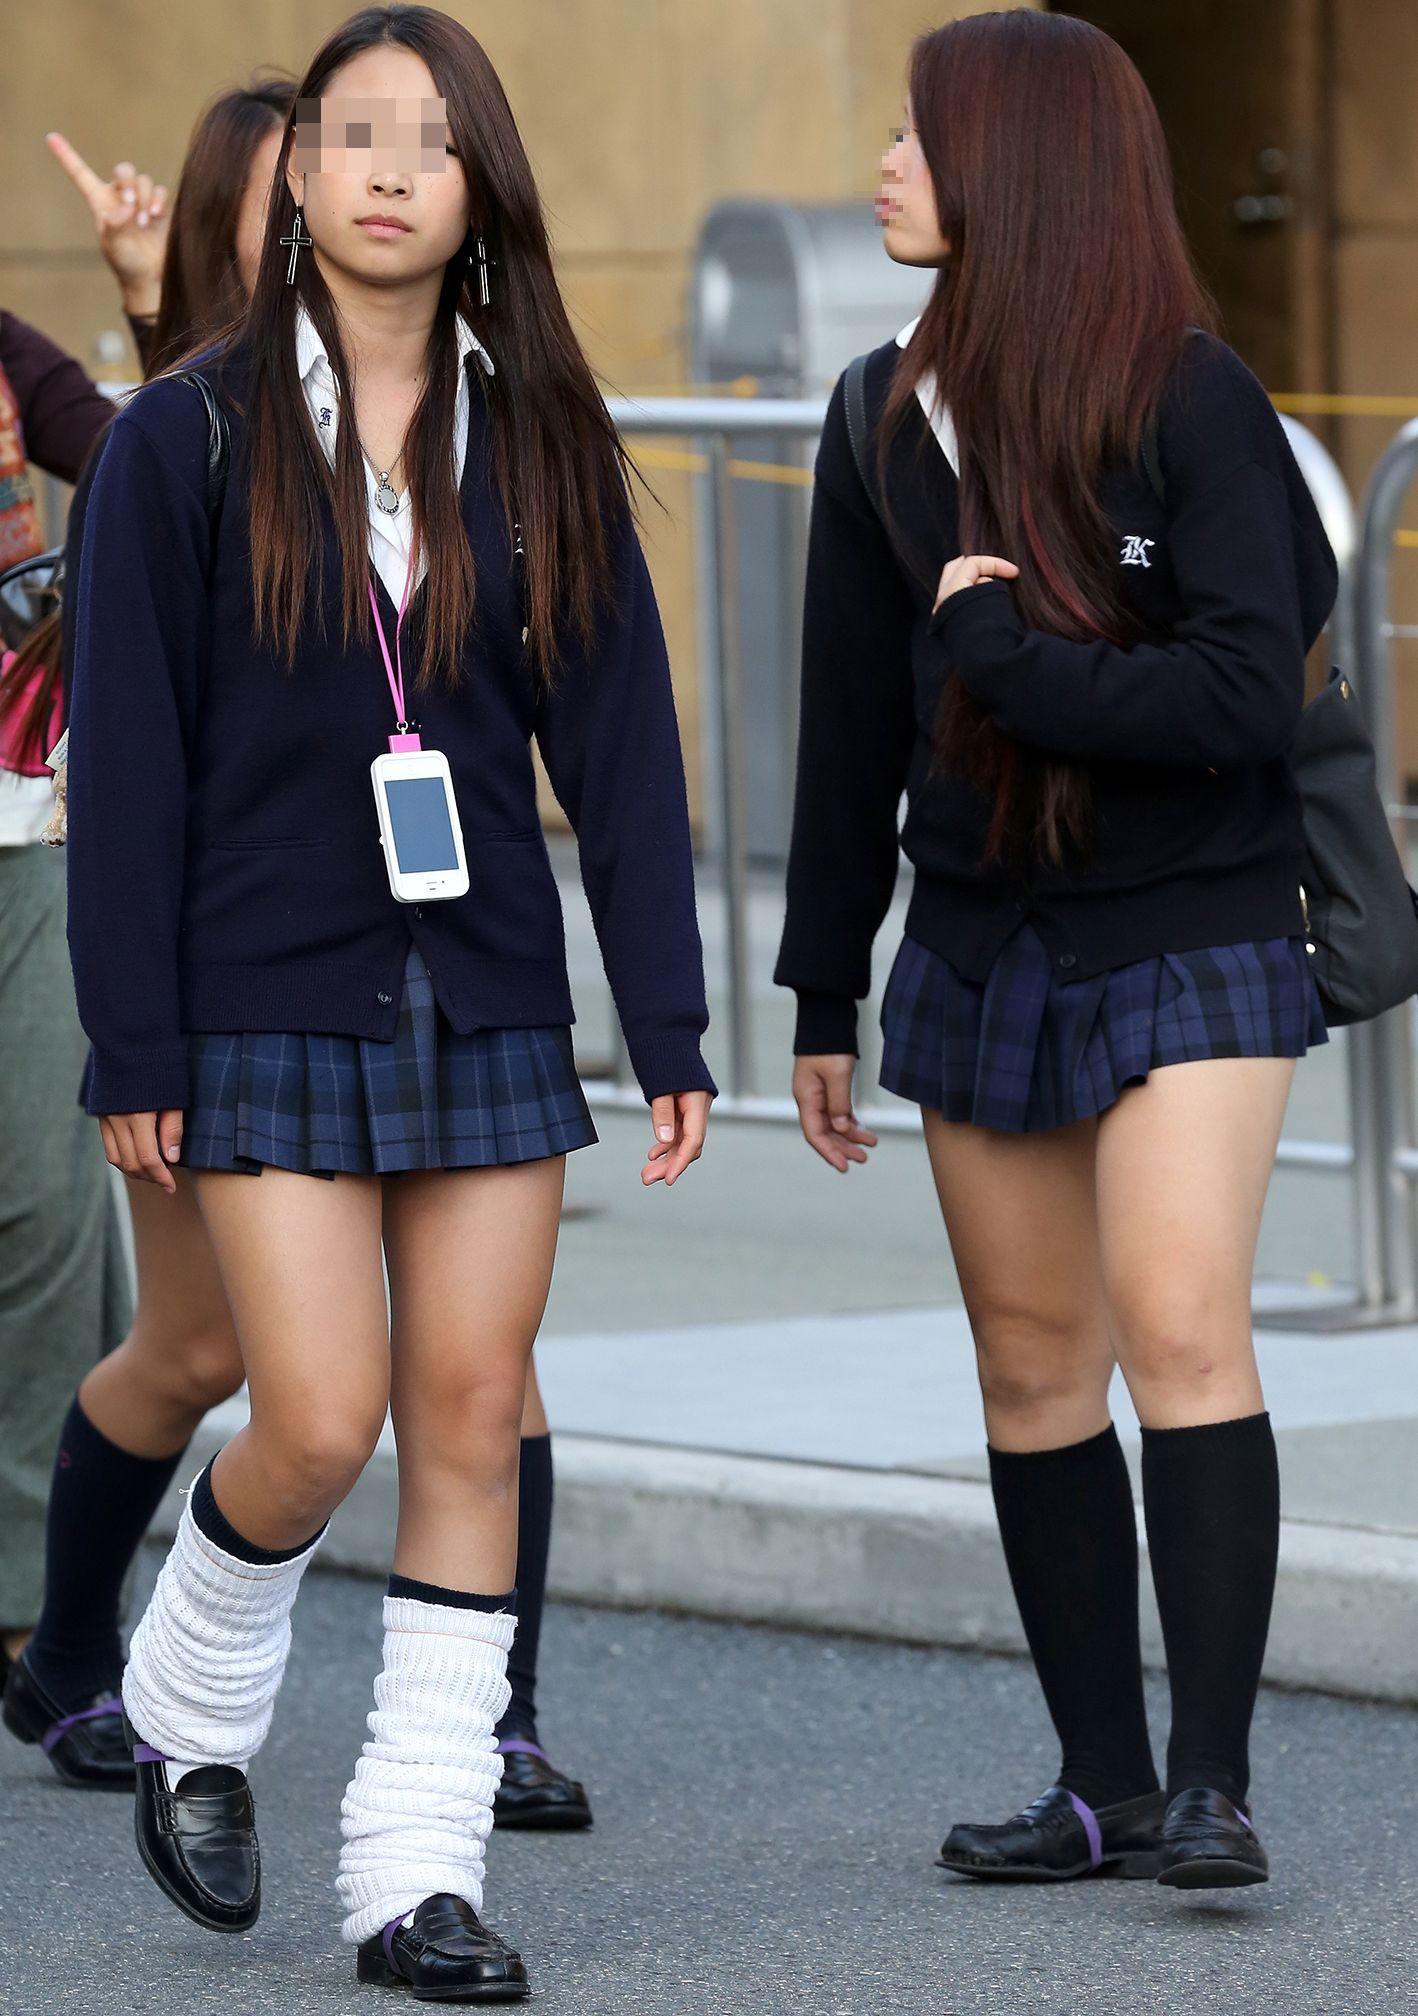 【JK街撮りエロ画像】ミニスカ制服で健康的な美脚がいつも